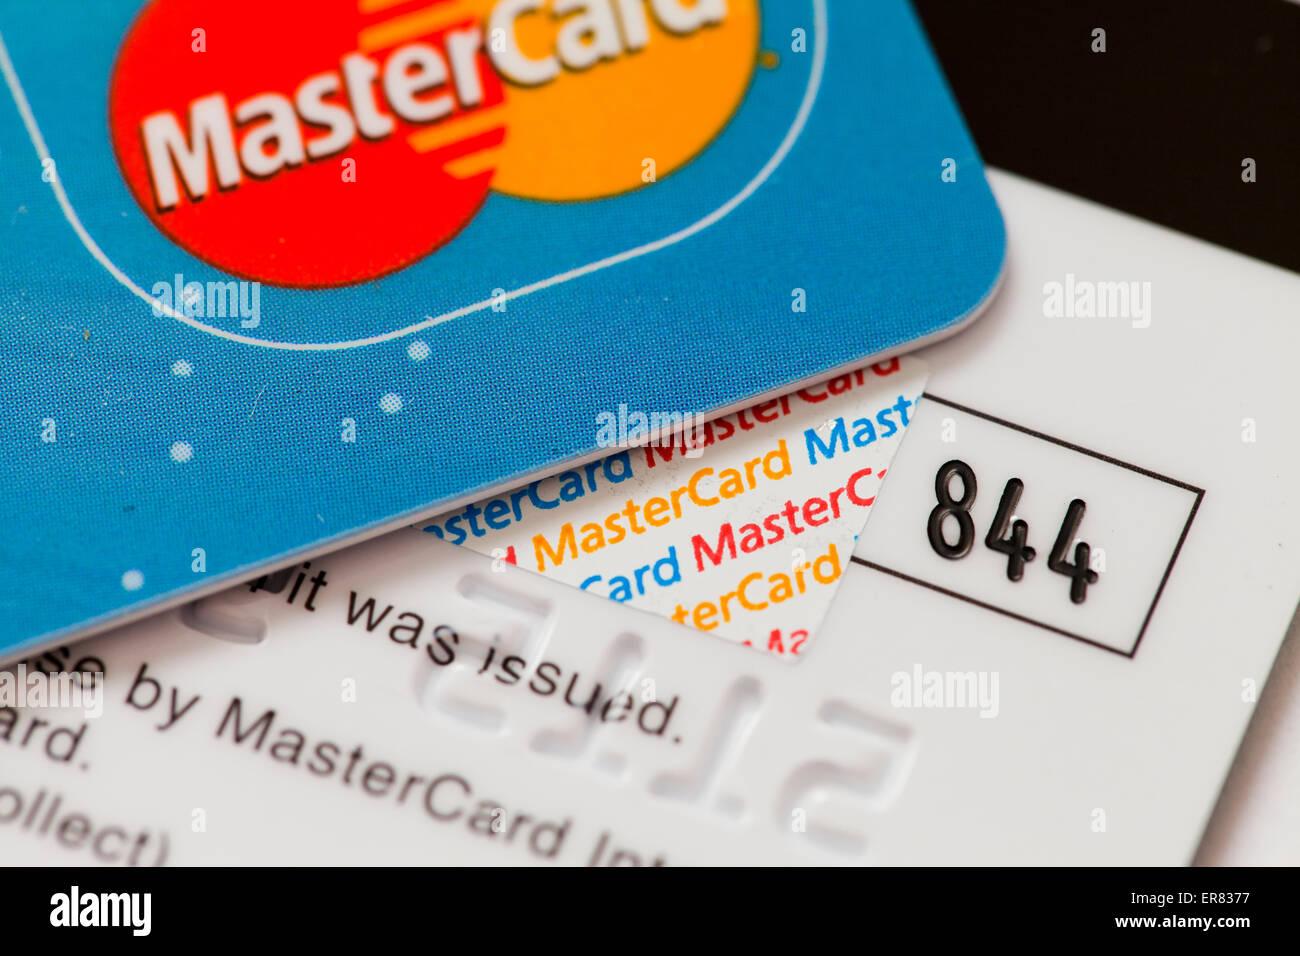 Card Security Code Stockfotos und -bilder Kaufen - Alamy